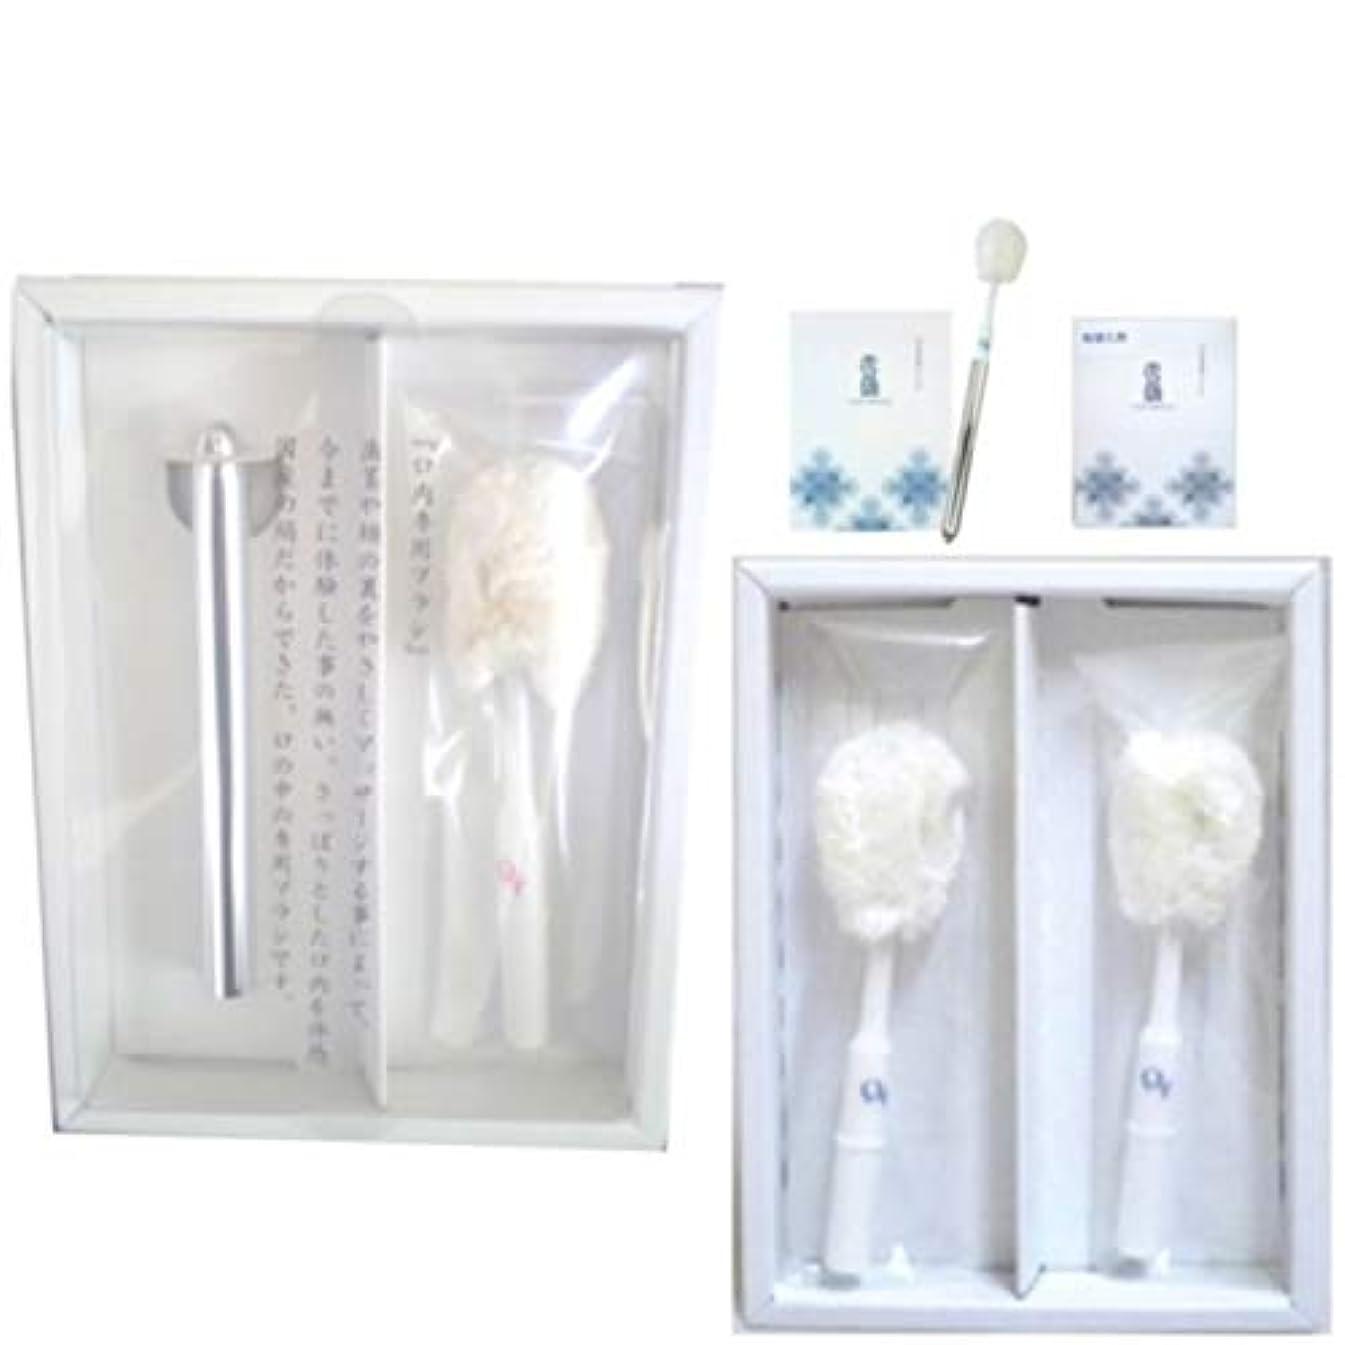 困惑傑作蓄積する雪繭 口内専用ブラシ(本体セット)&専用レフィル(2本入) セット